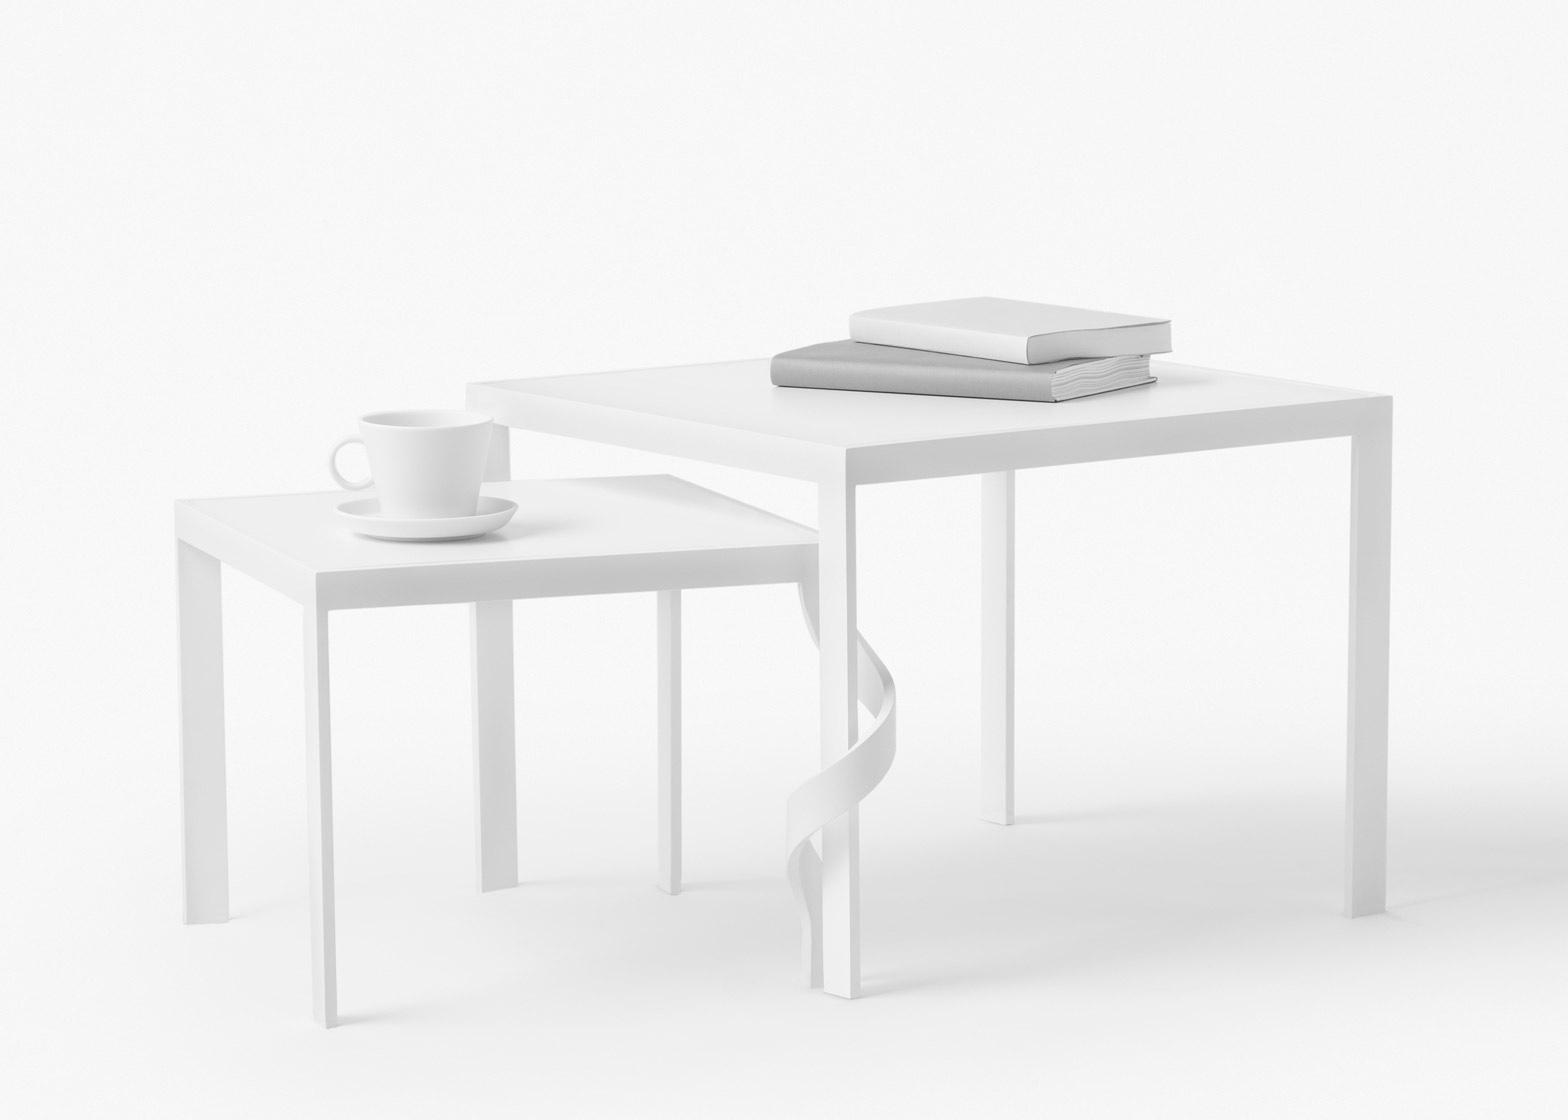 """nendo tangle table. Part of """"between relationships"""". Image byAkihito Yoshida via Dezeen."""